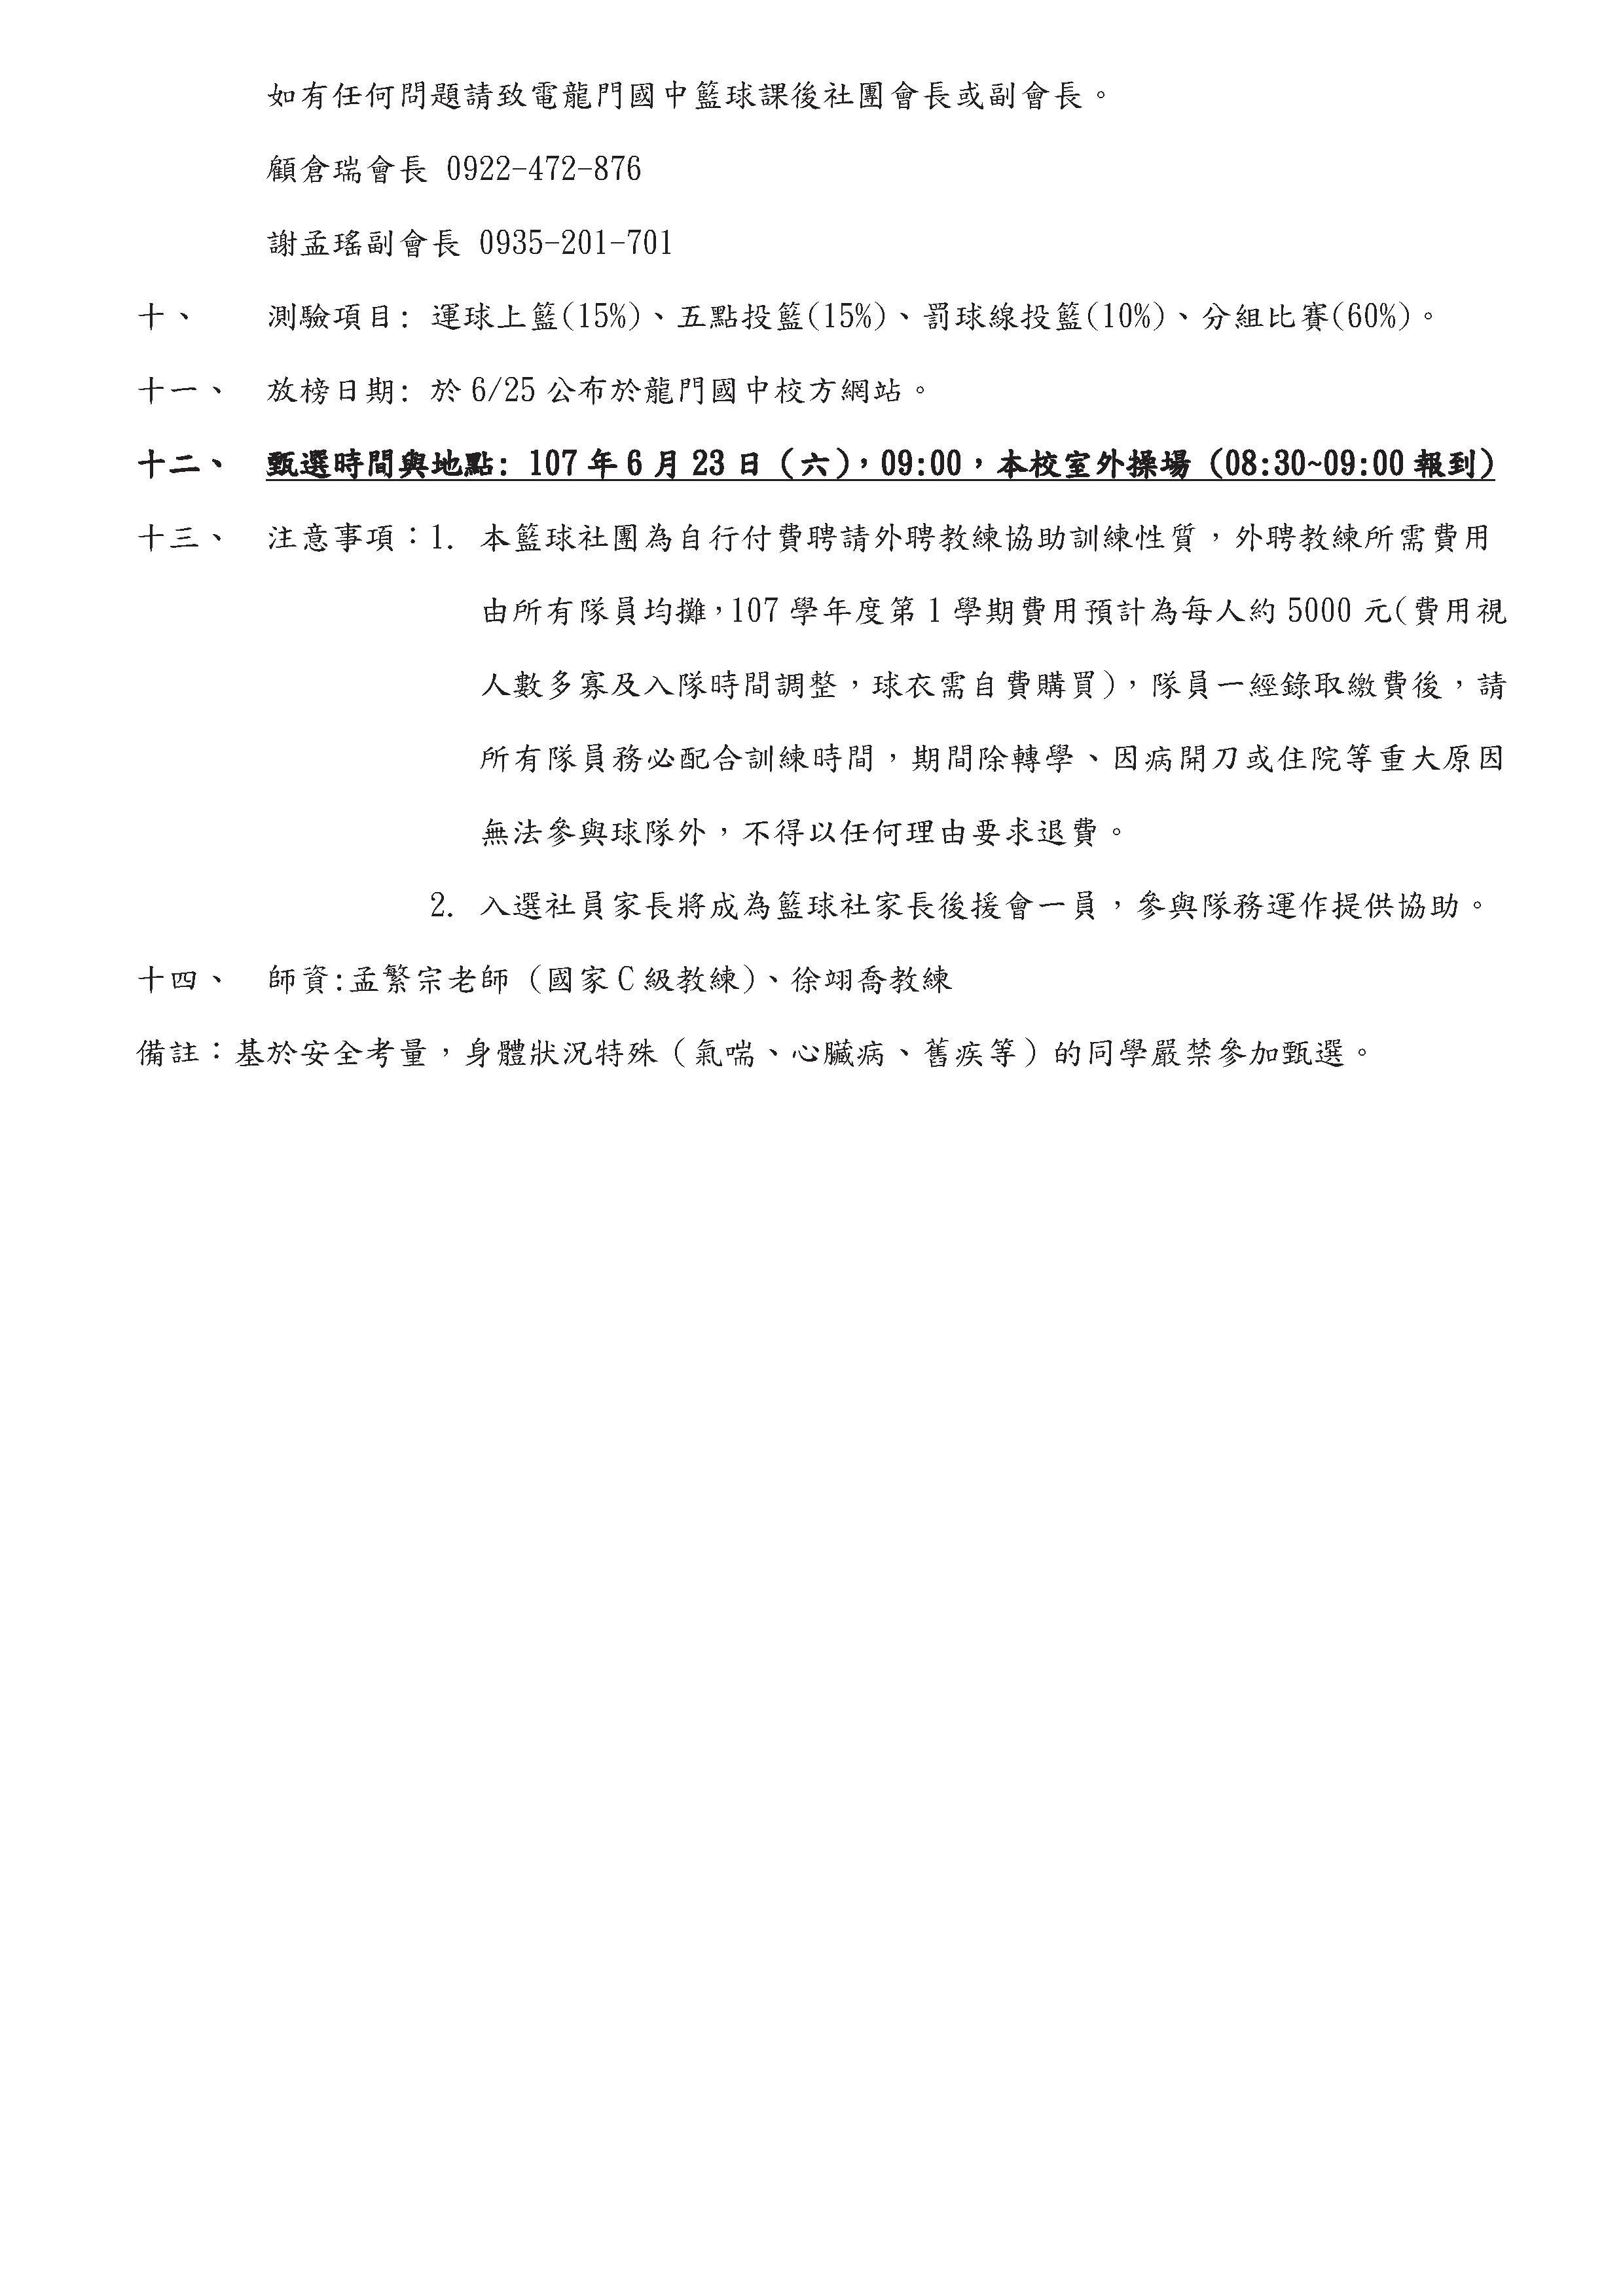 臺北市立龍門國中籃球課後社團107學年度報名簡章.pdf0001